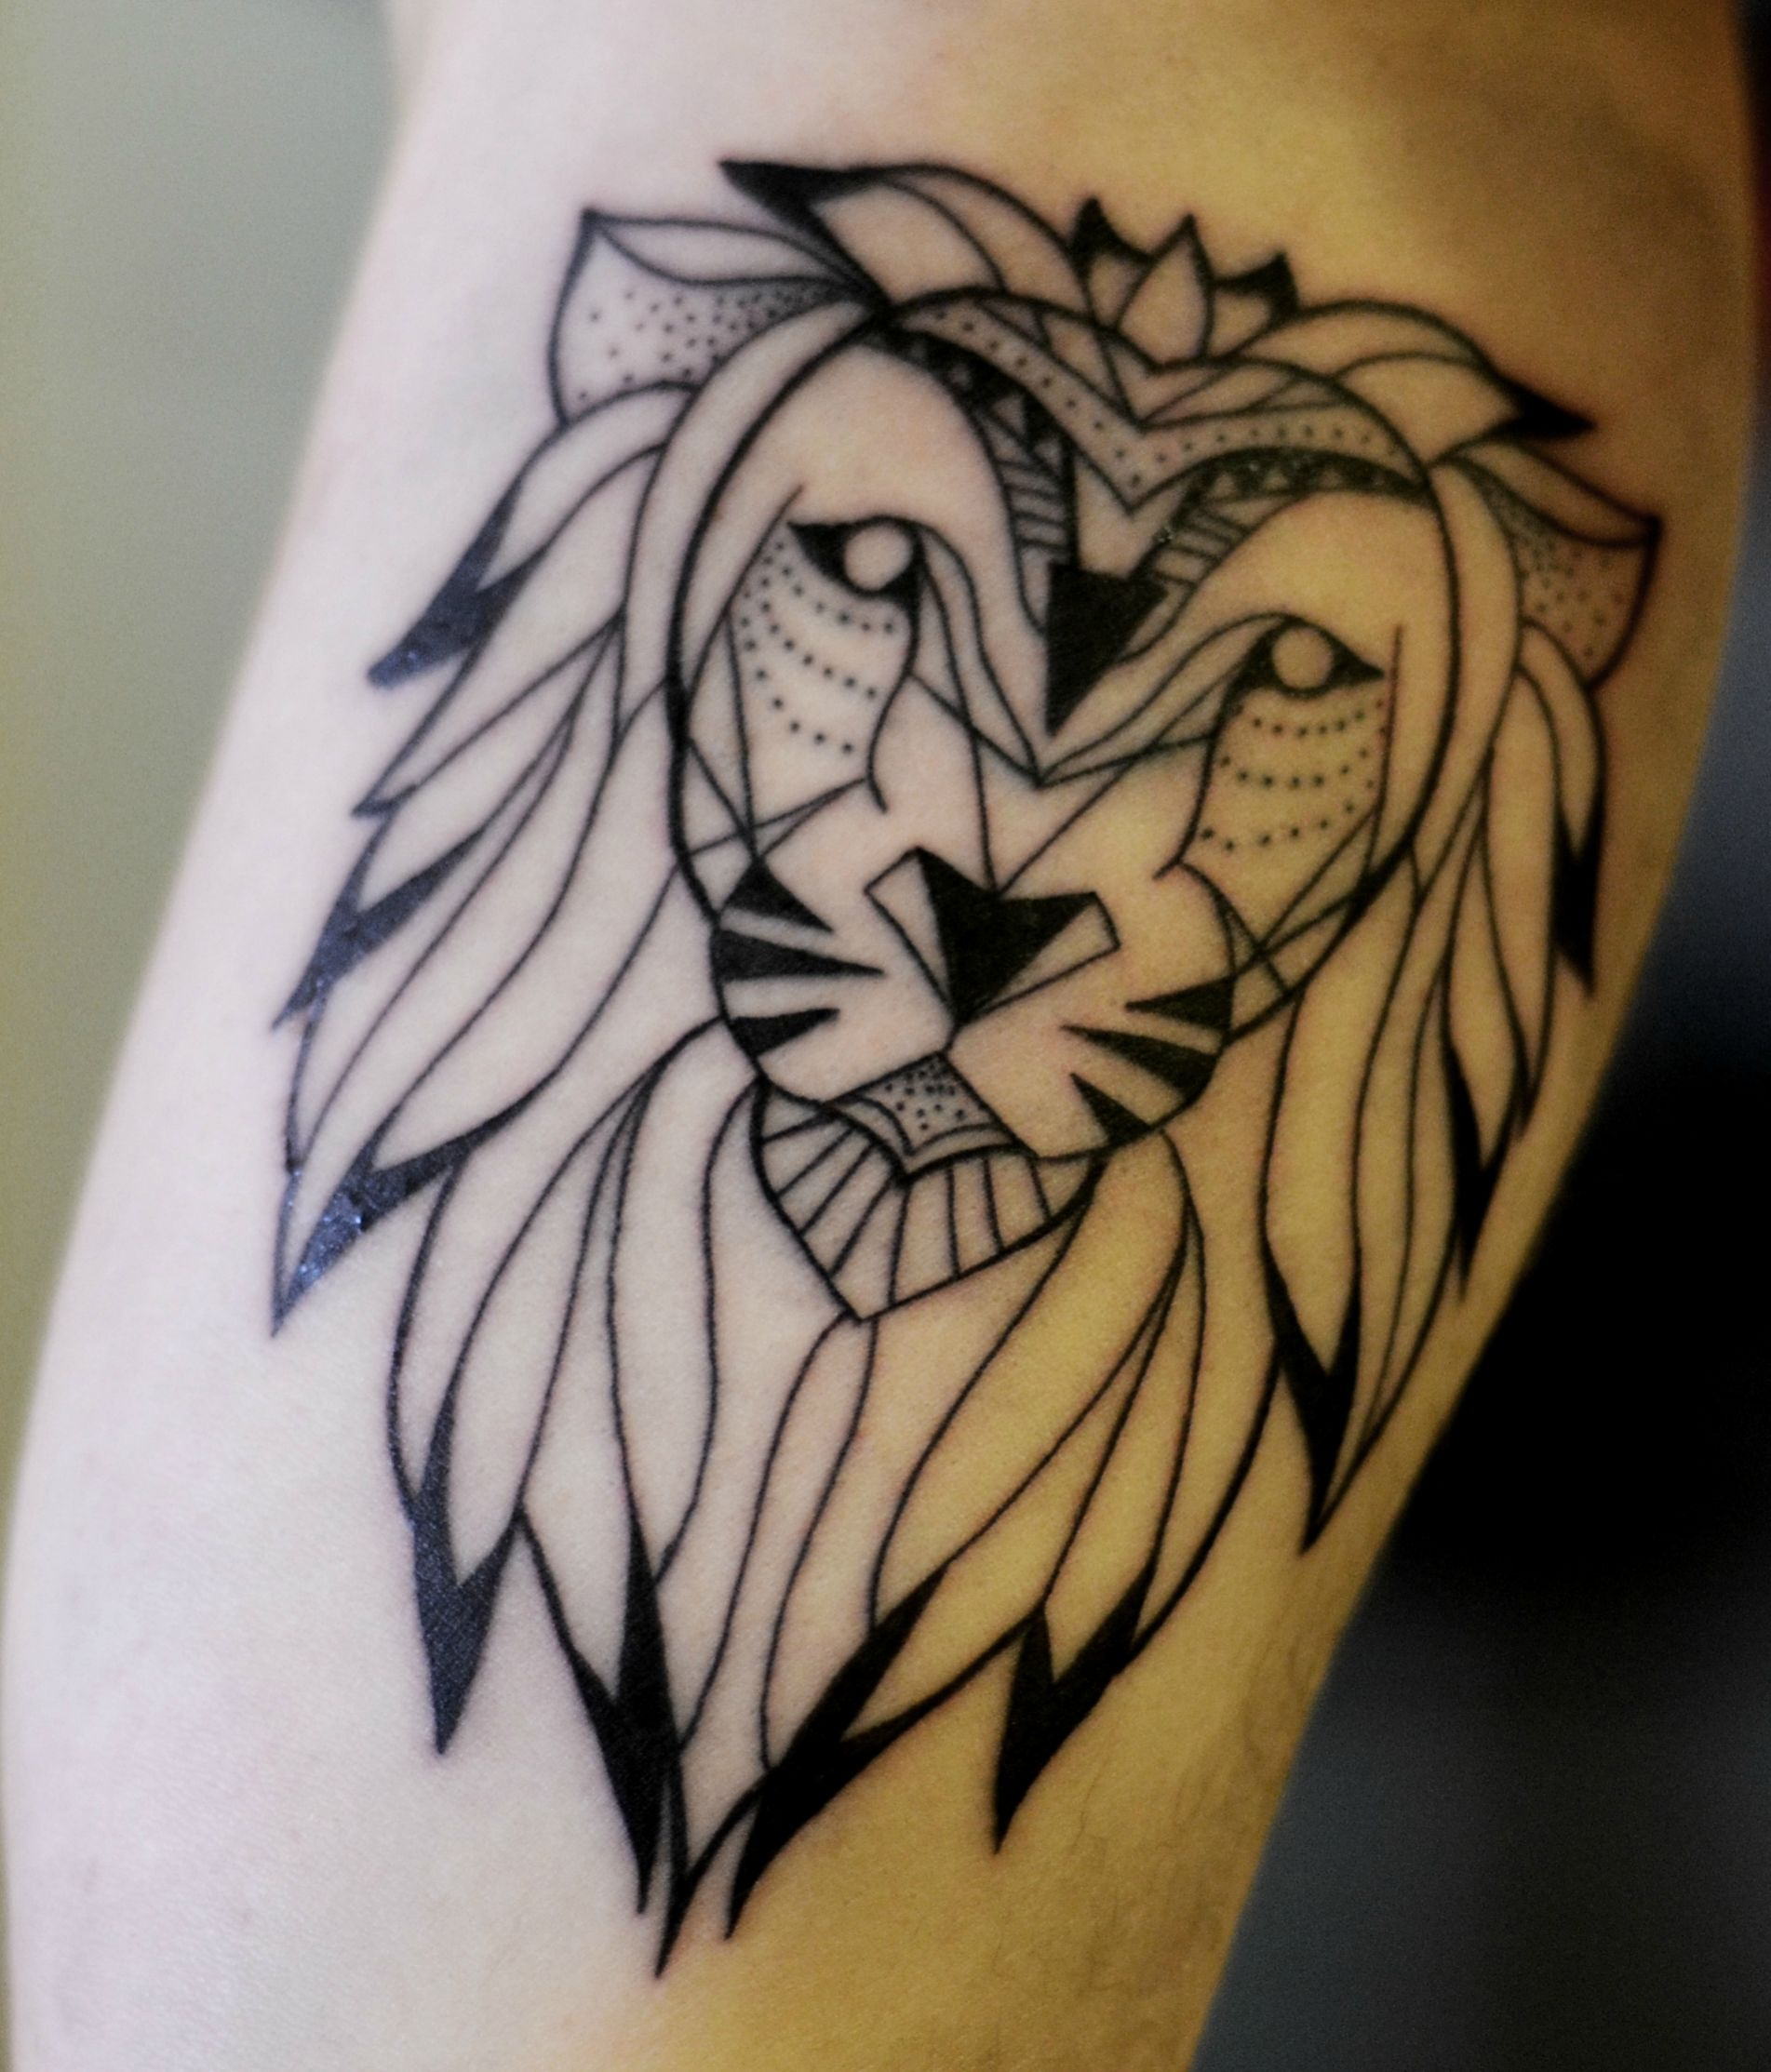 low poly geometric tattoo arm 3